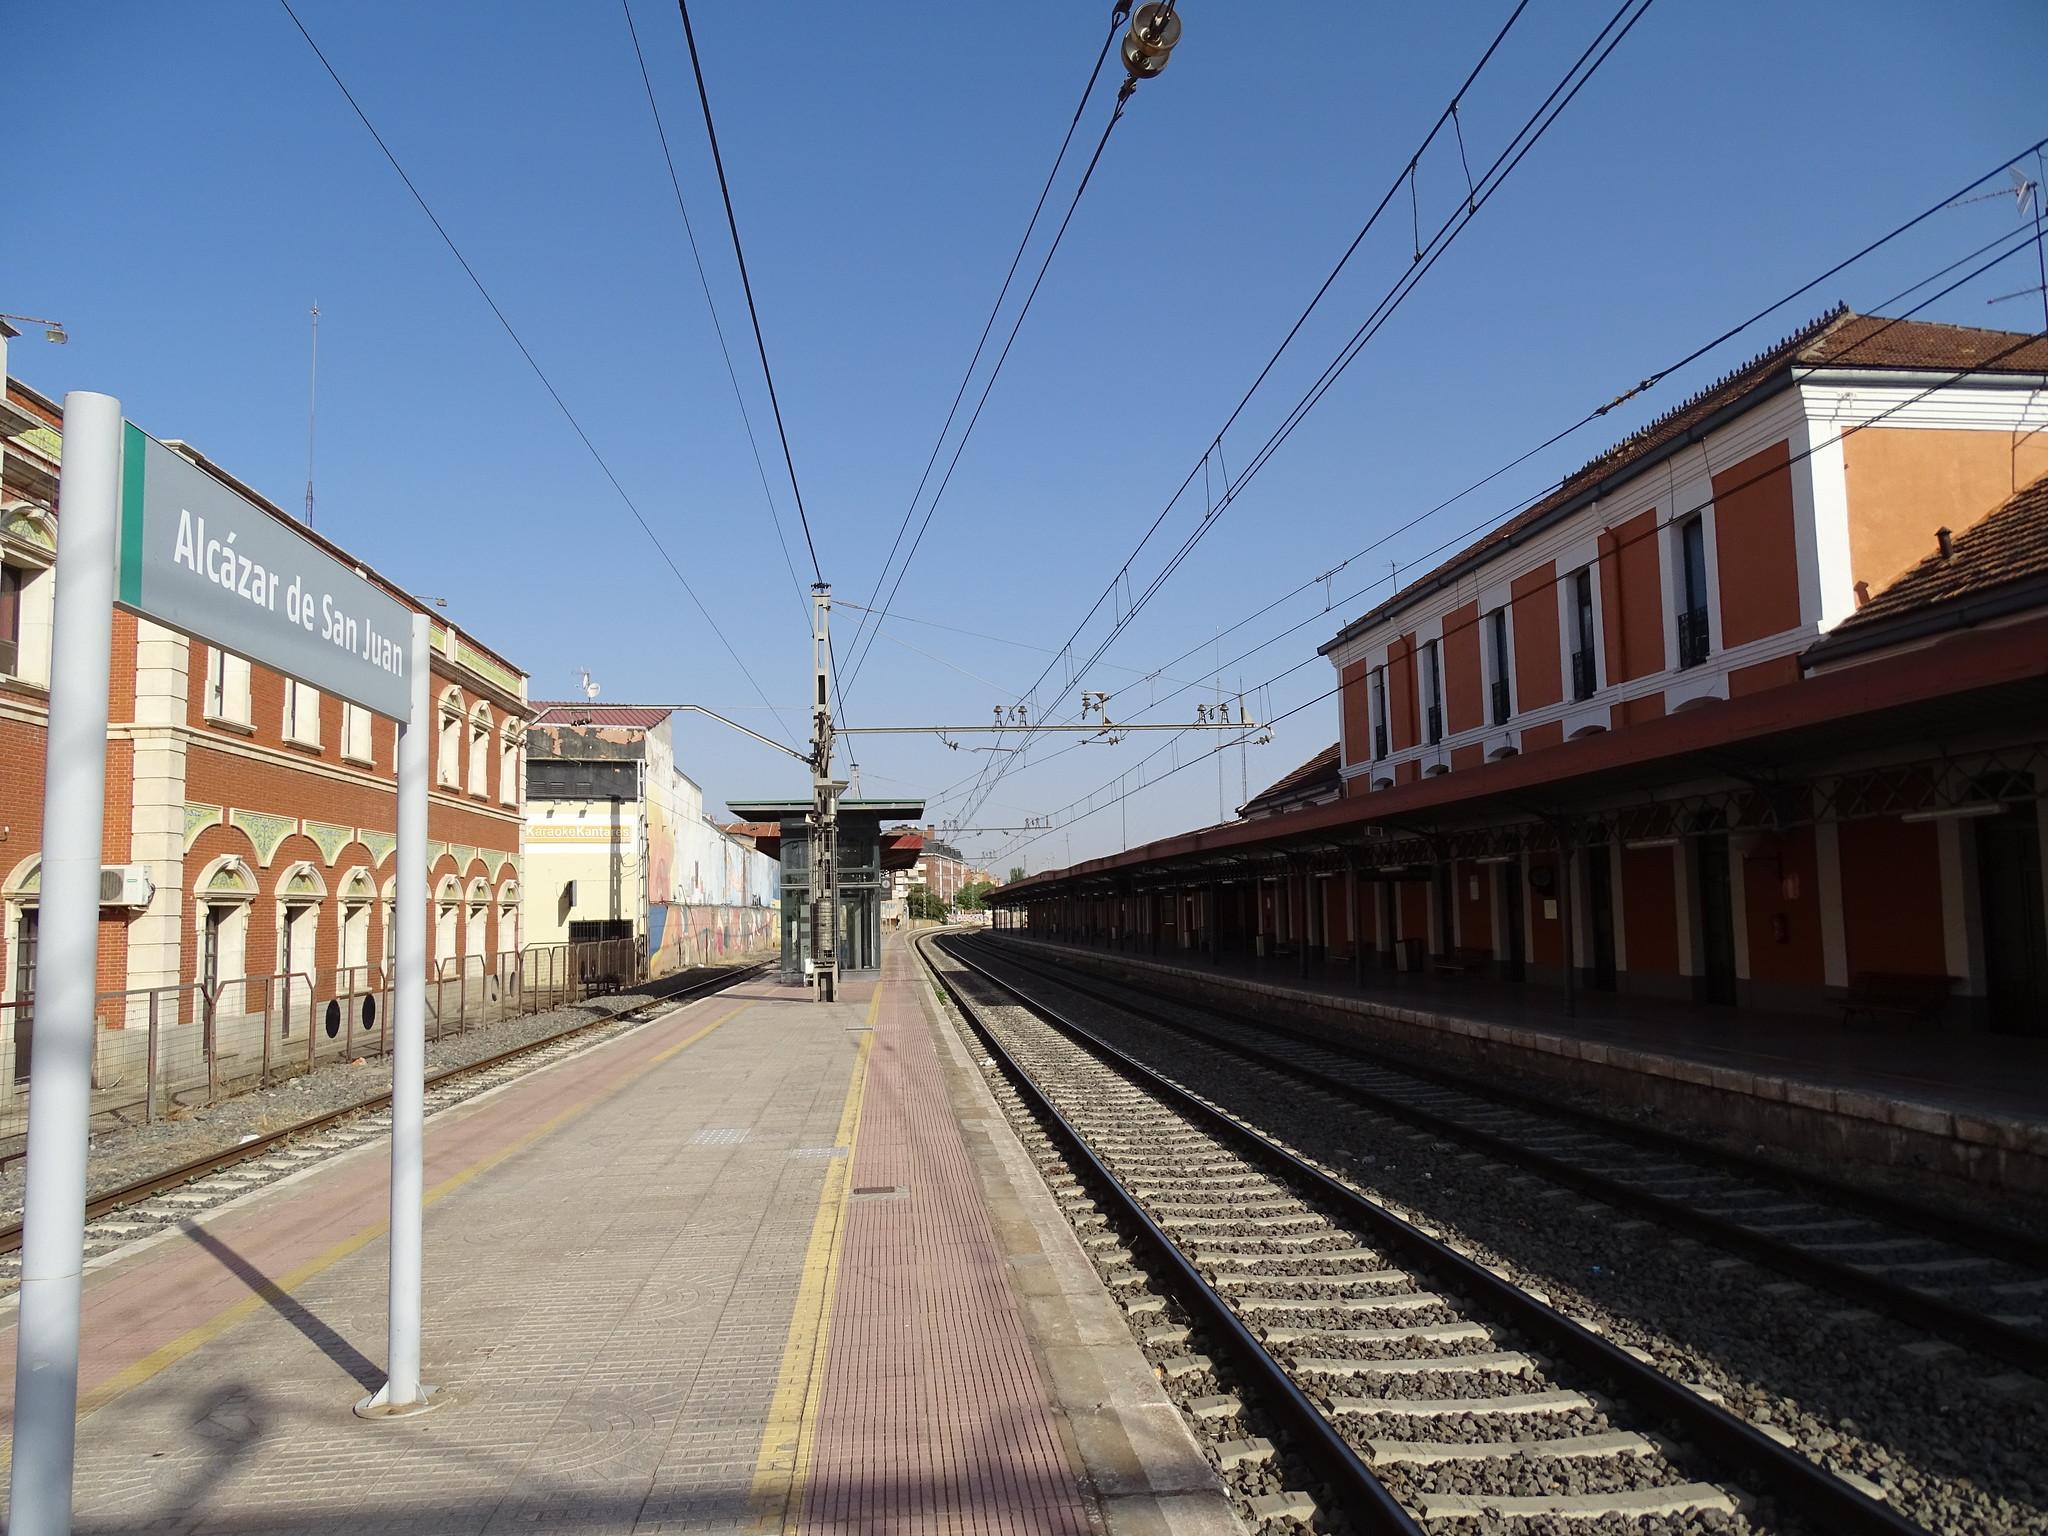 andenes interior Estacion de Ferrocarril Alcazar de San Juan Ciudad Real 01